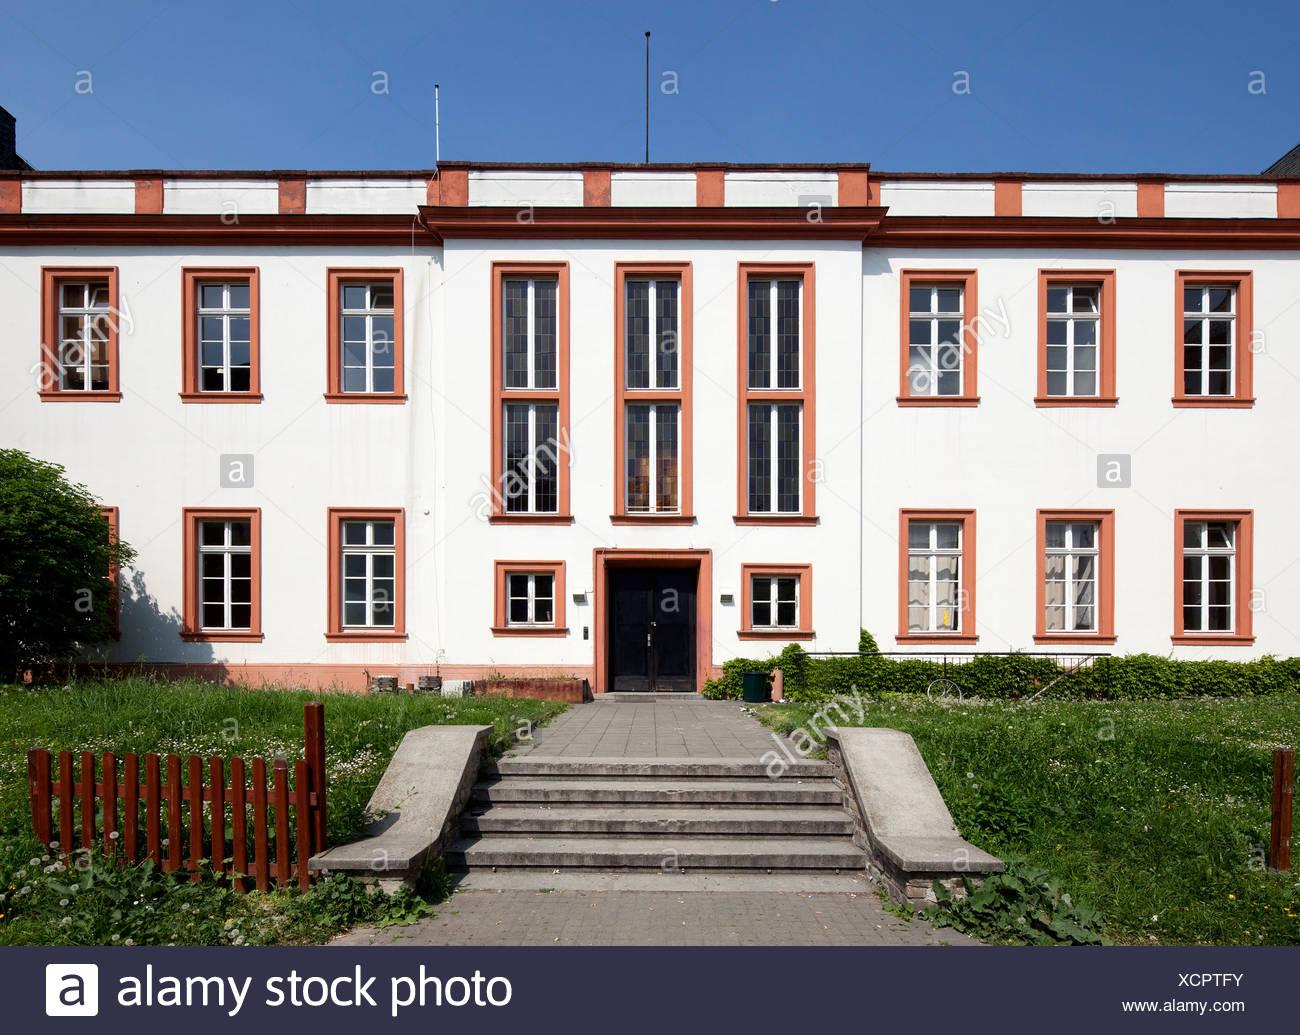 Ex-Schoenborner Hof, Centre d'études français, Institut Français, Maison de France, Mayence, Rhénanie-Palatinat, PublicGround Photo Stock